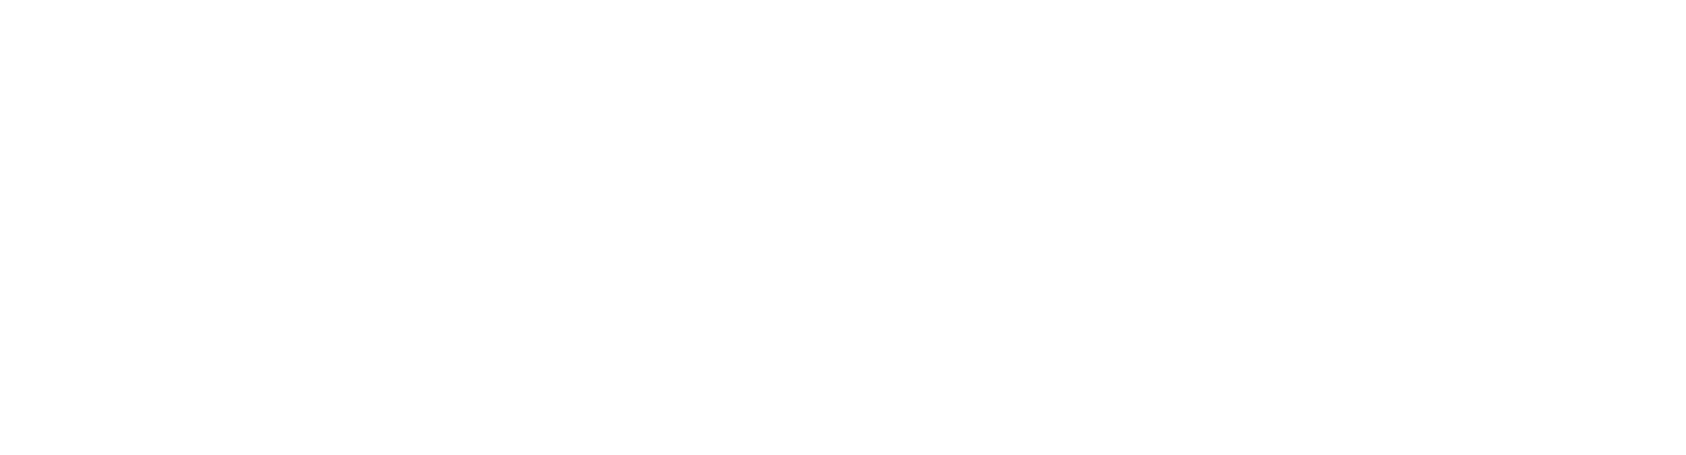 paypal-png-logo-3